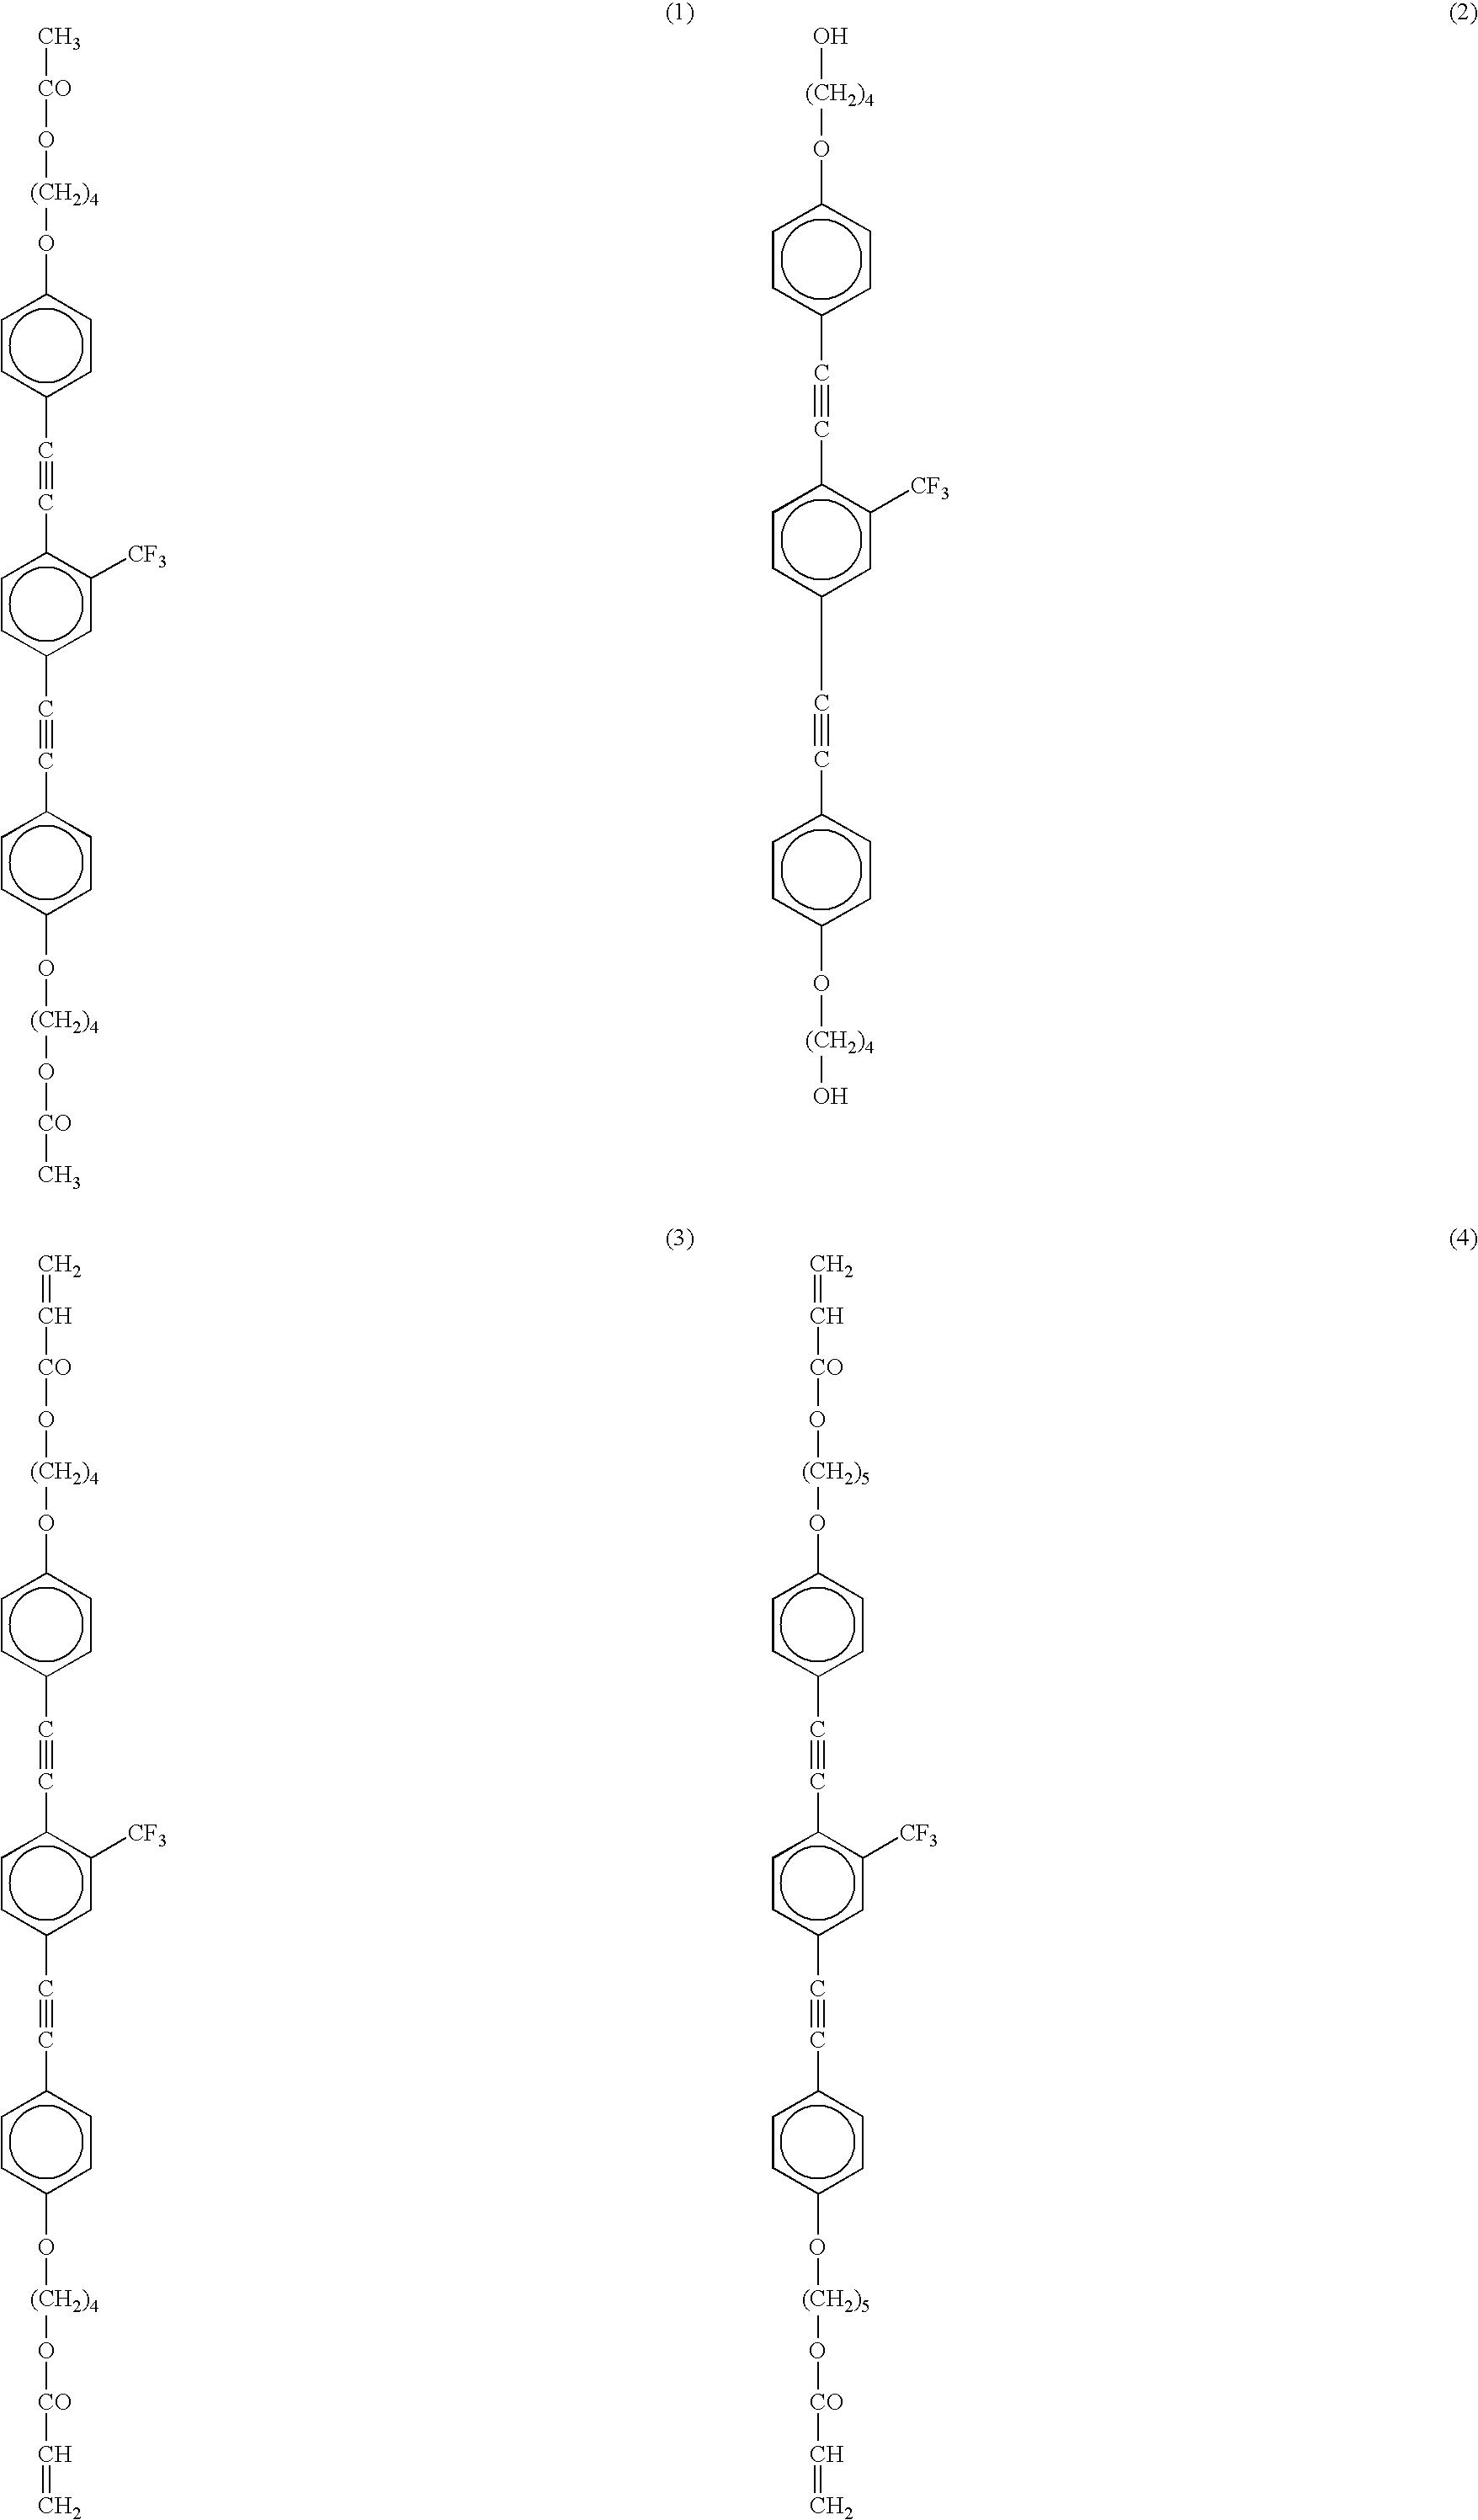 Figure US07128953-20061031-C00012